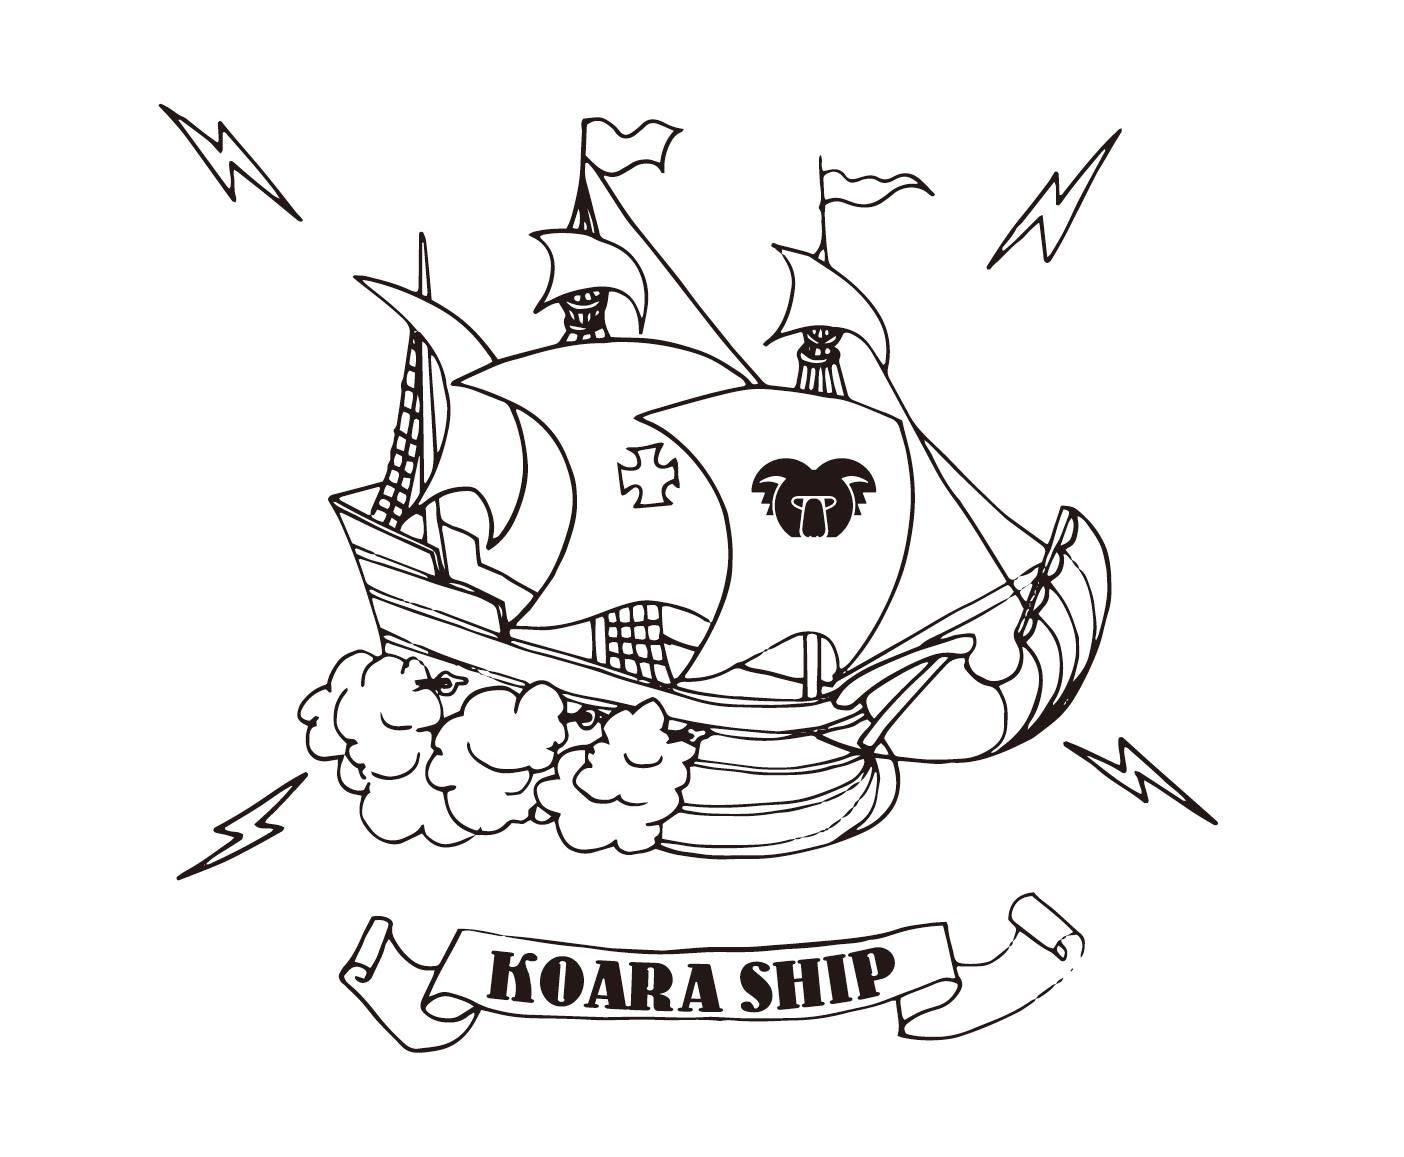 KOARA SHIP